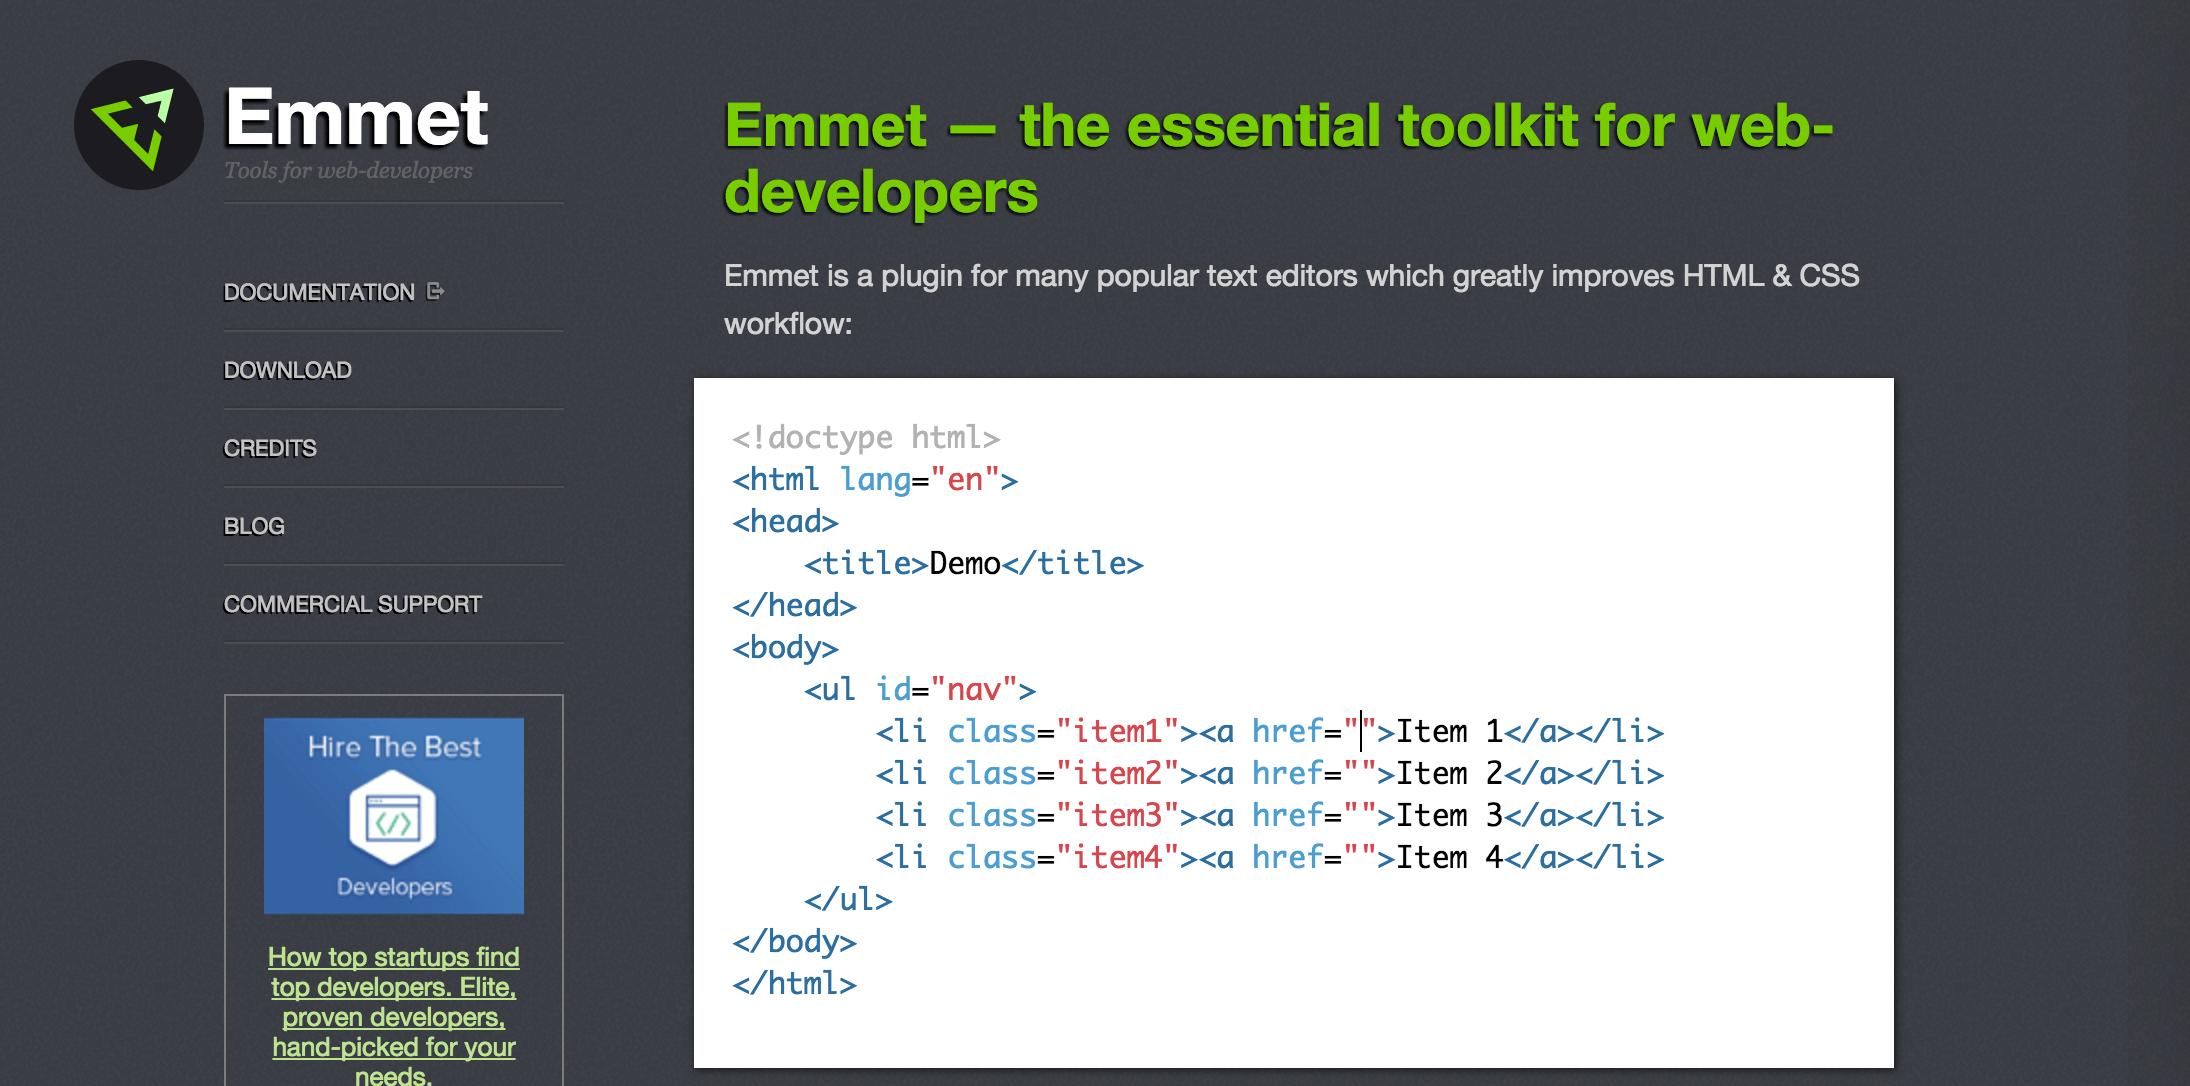 Emmetの公式サイト